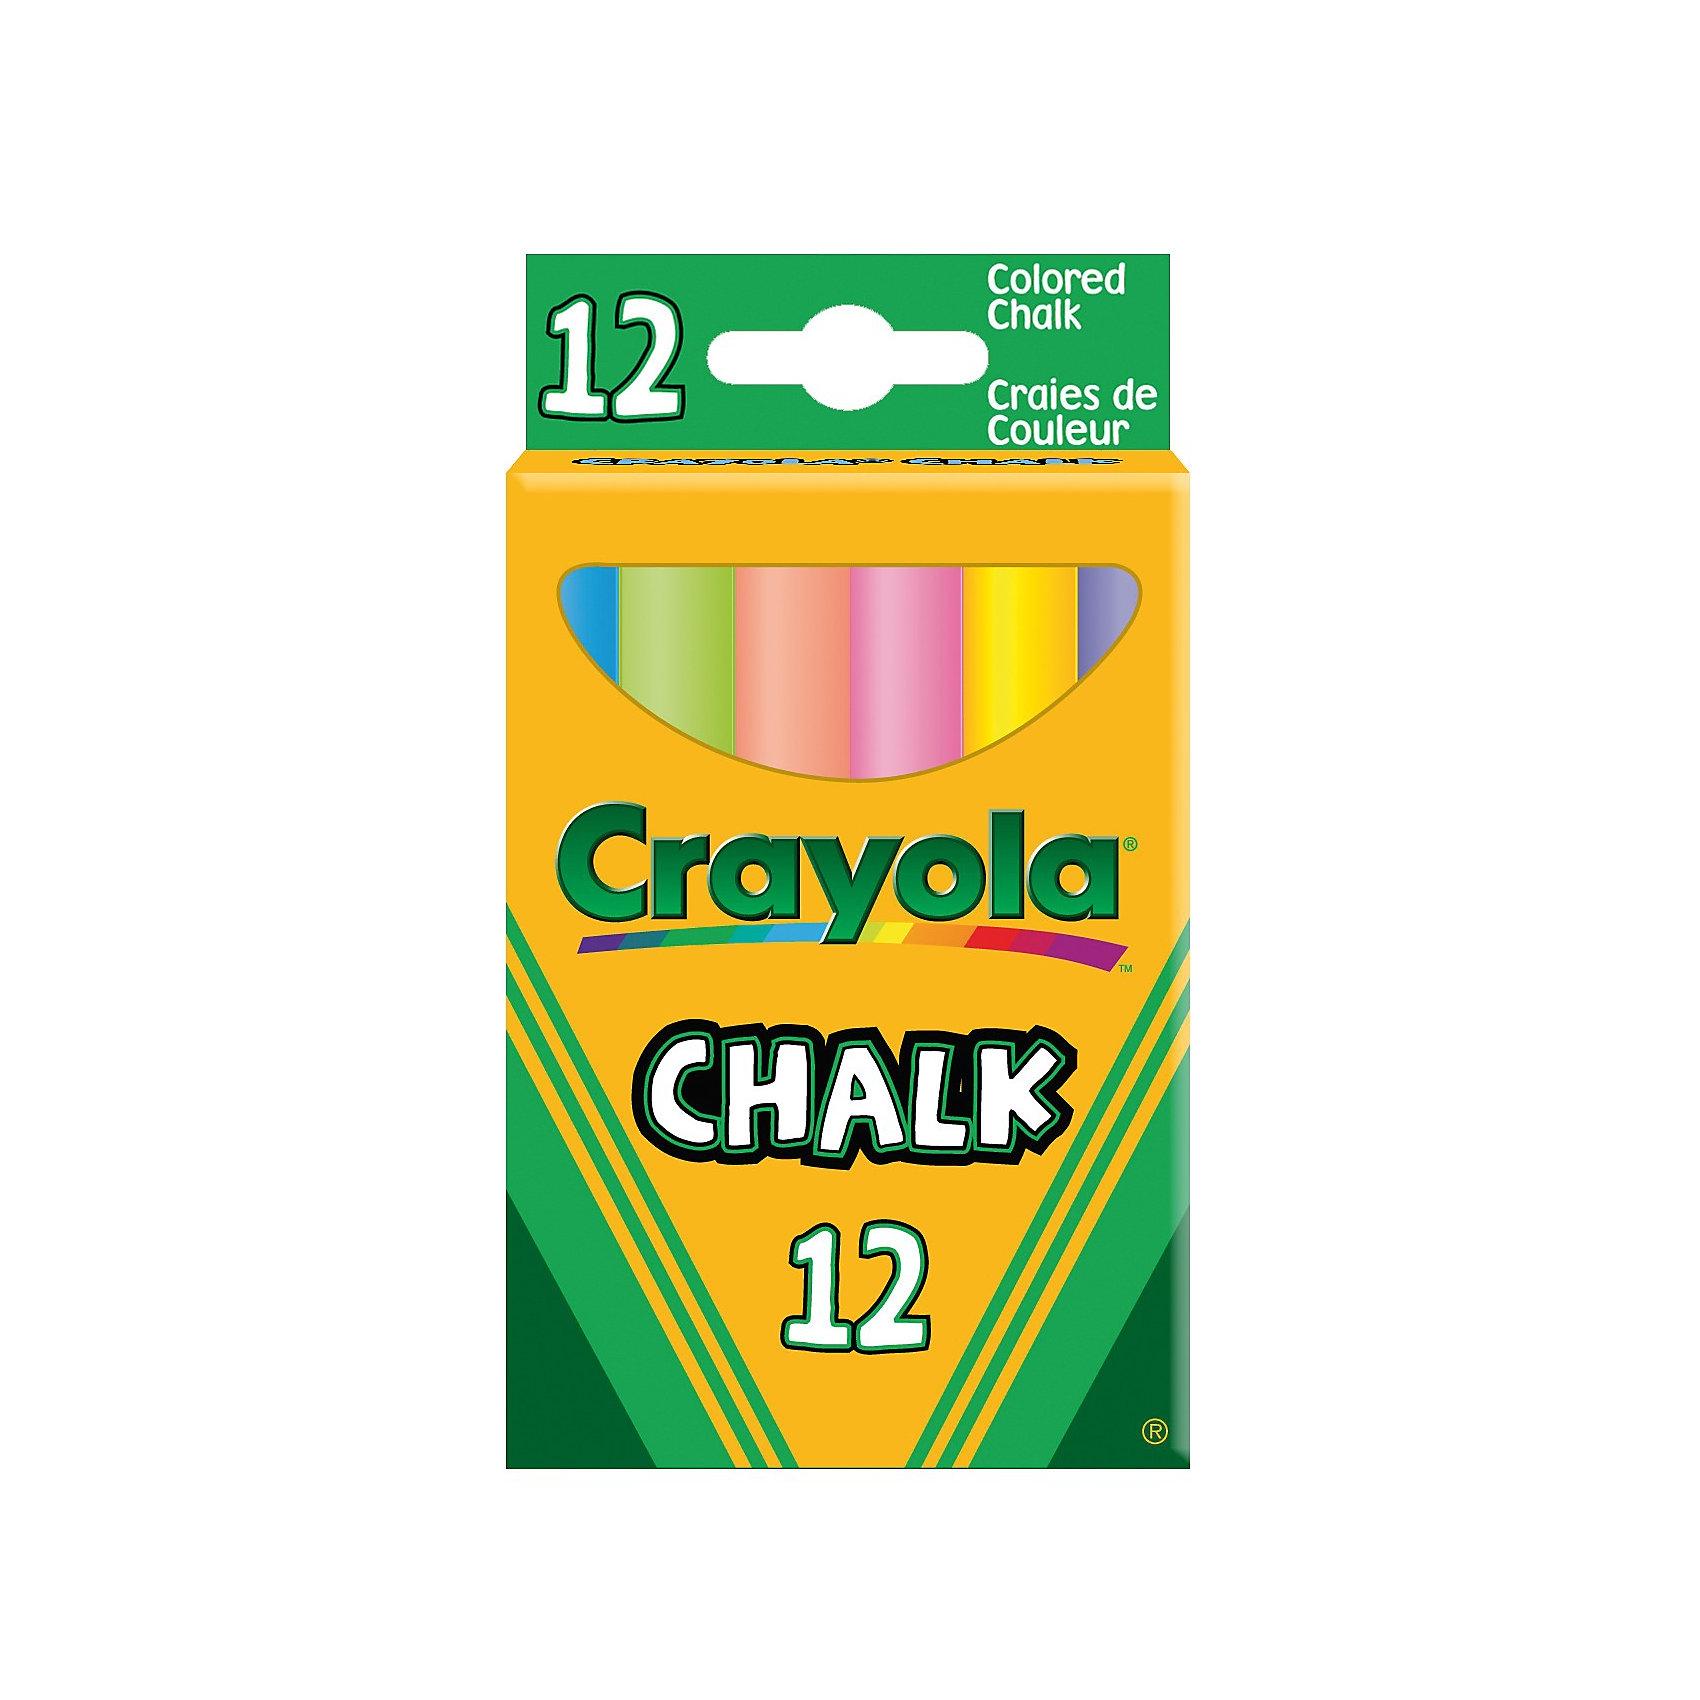 12 мелков с пониженным выделением пыли, CrayolaМелки для асфальта<br>Ваш ребёнок любит рисовать мелками, но после таких занятий творчеством Вам приходится оттирать следы от мела? Данный набор из 12 цветных мелков от Крайола - это настоящий подарок не только для малышей, но и для их мам, которым больше не придется с огромным трудом оттирать с детской одежды следы мела. <br><br>Мел с пониженным выделением пыли торговой марки Crayola не пачкает одежду и руки малыша. Он не рассыпается и не вызывает у ребенка аллергических реакций. Яркие цветные мелки, размер которых составляет 1х8 см, могут быть использованы для рисования на асфальте или доске. Такие мелки с пониженным выделением пыли широко используются для проведения занятий в детских садах и школах. Пусть детство Вашего ребёнка будет весёлым и красочным!<br><br>12 мелков с пониженным выделением пыли от Crayola (Крайола) можно купить в нашем интернет-магазине.<br><br>Ширина мм: 60<br>Глубина мм: 20<br>Высота мм: 105<br>Вес г: 120<br>Возраст от месяцев: 36<br>Возраст до месяцев: 108<br>Пол: Унисекс<br>Возраст: Детский<br>SKU: 3175006